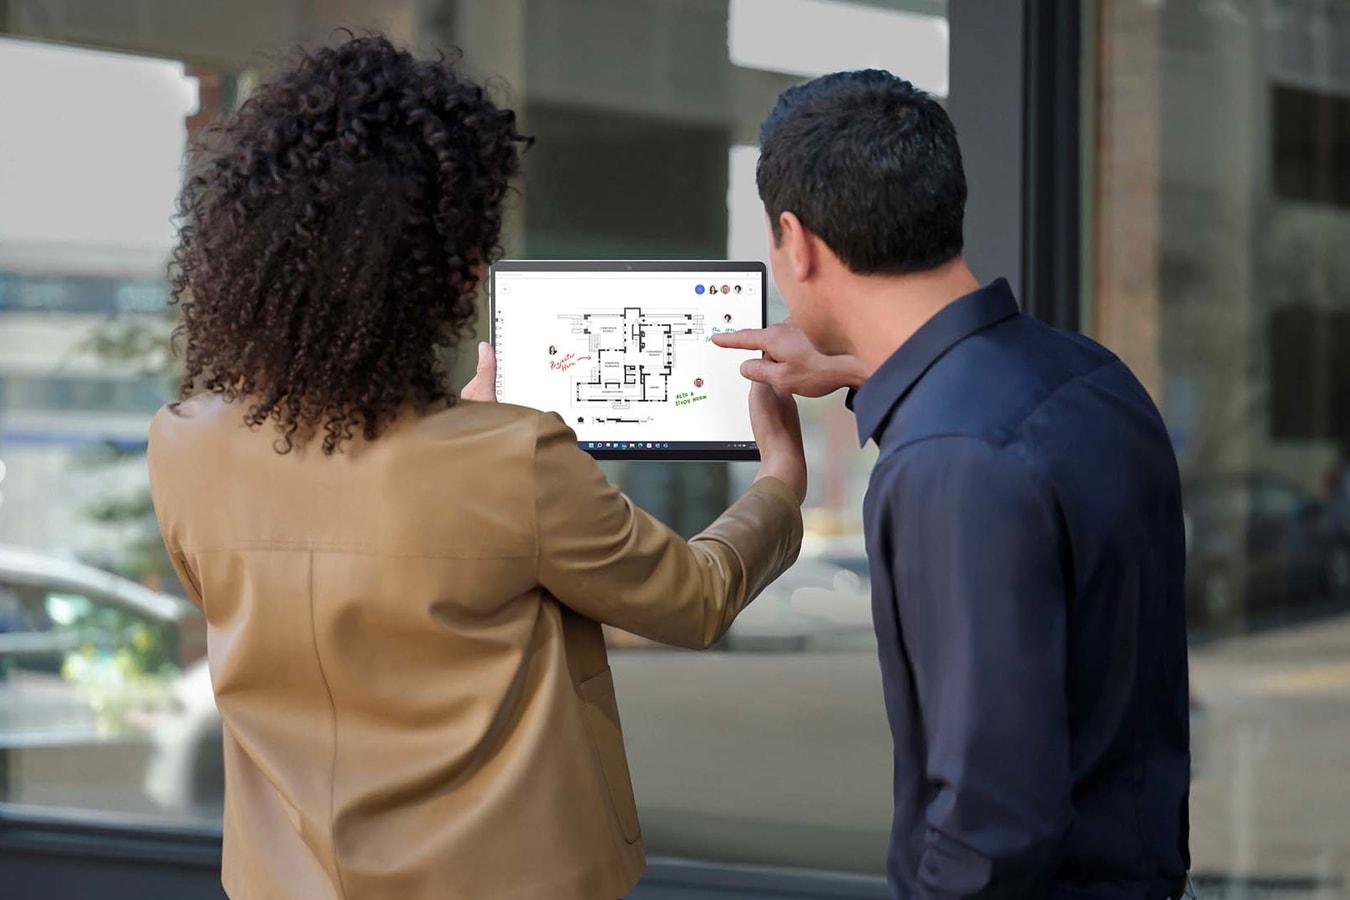 兩個人站在店面外,使用採用平板電腦模式的 Surface Pro X 拍照